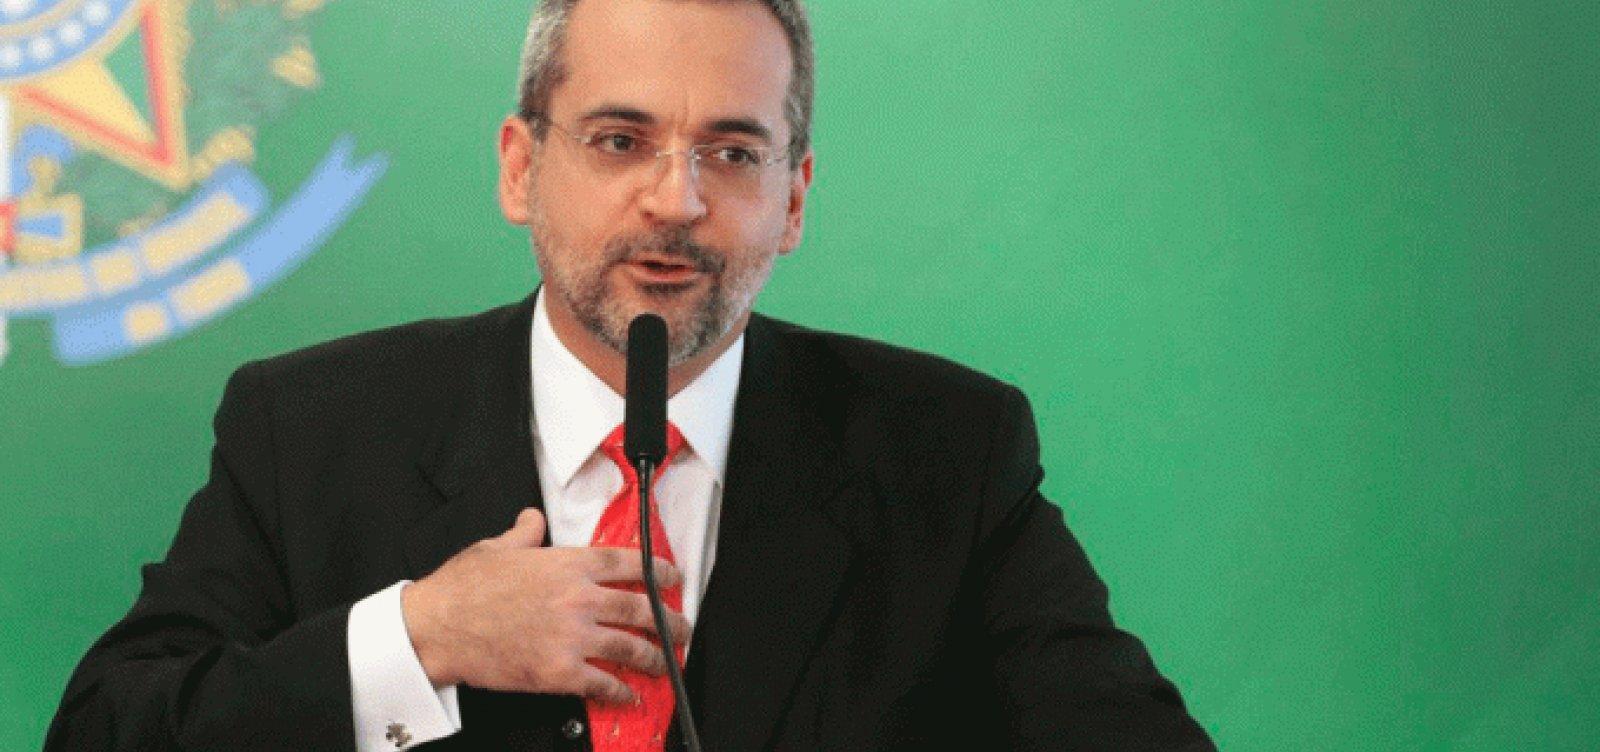 Ministro será convocado à Comissão de Educação para explicar corte no orçamento da Ufba